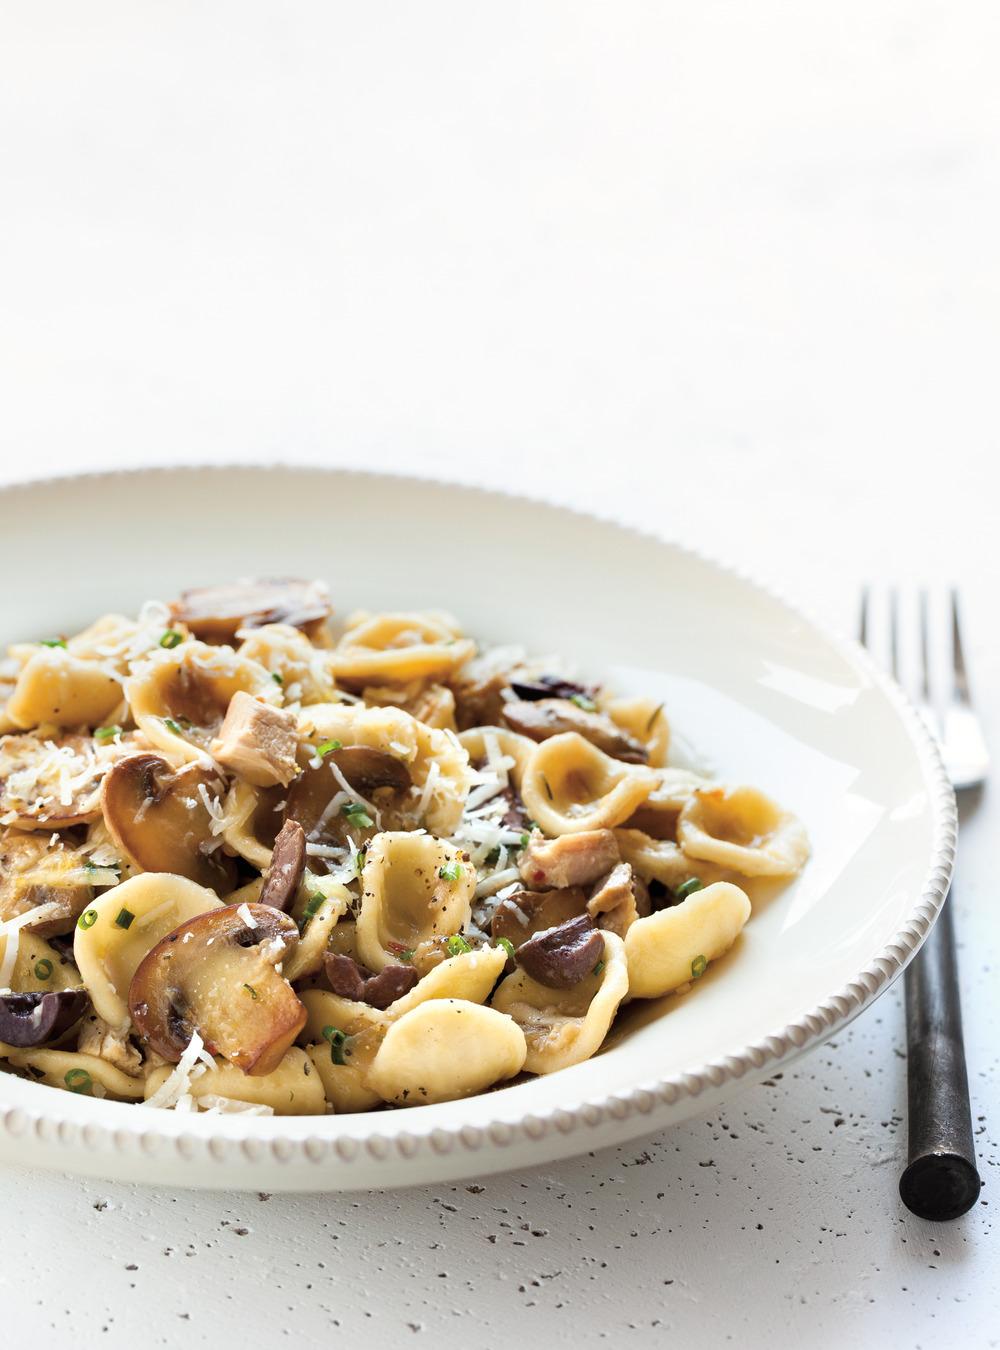 Orecchiettes au poulet, aux olives et aux champignons | ricardo